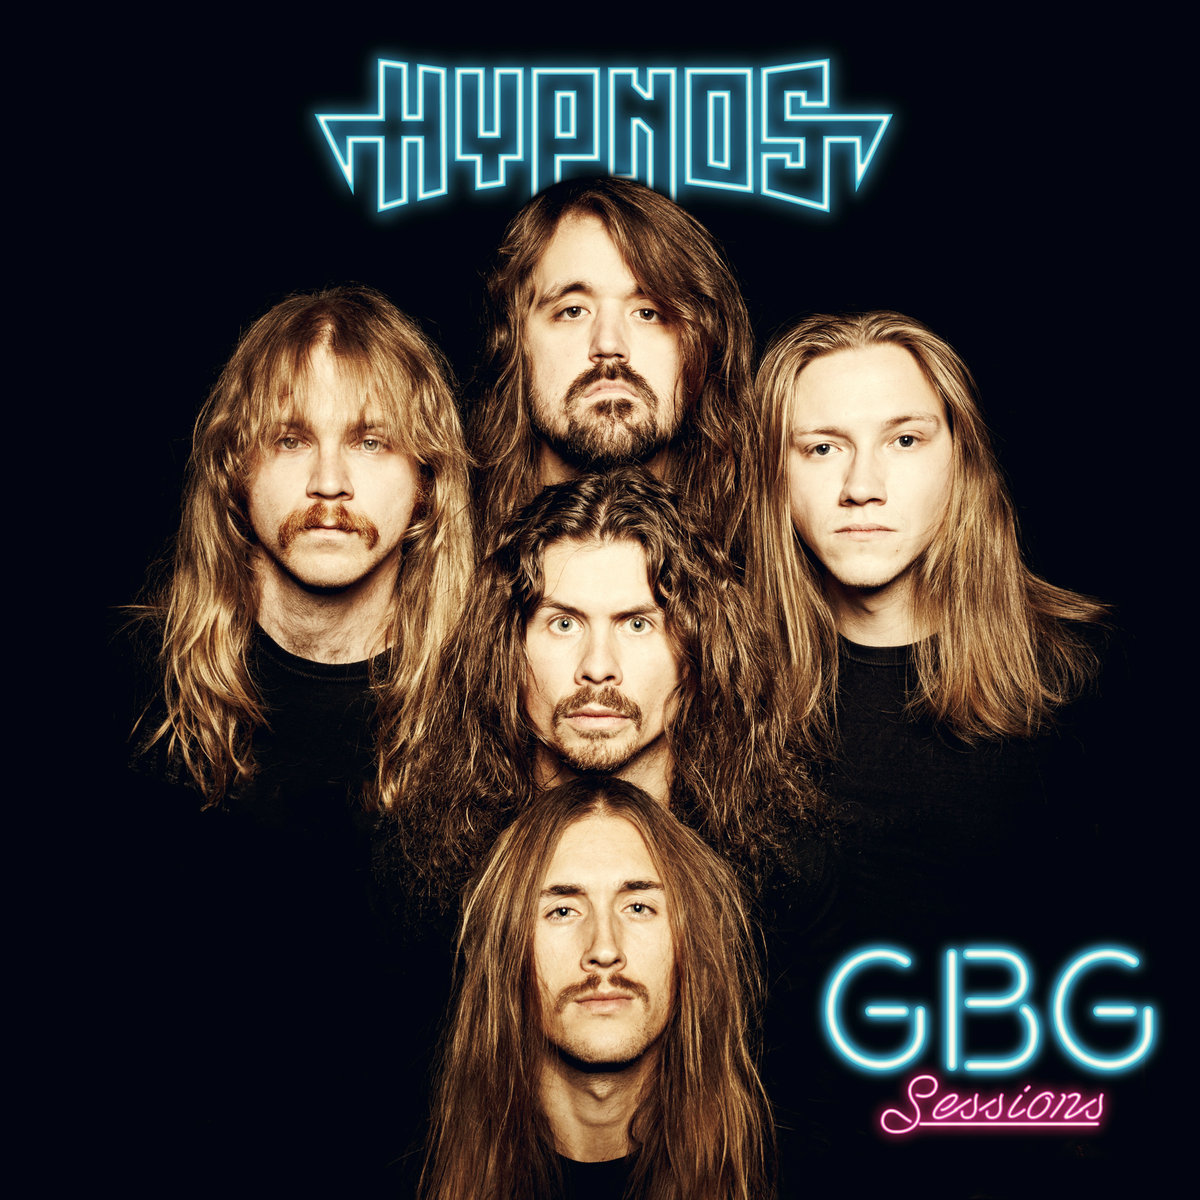 Hypnos GBG